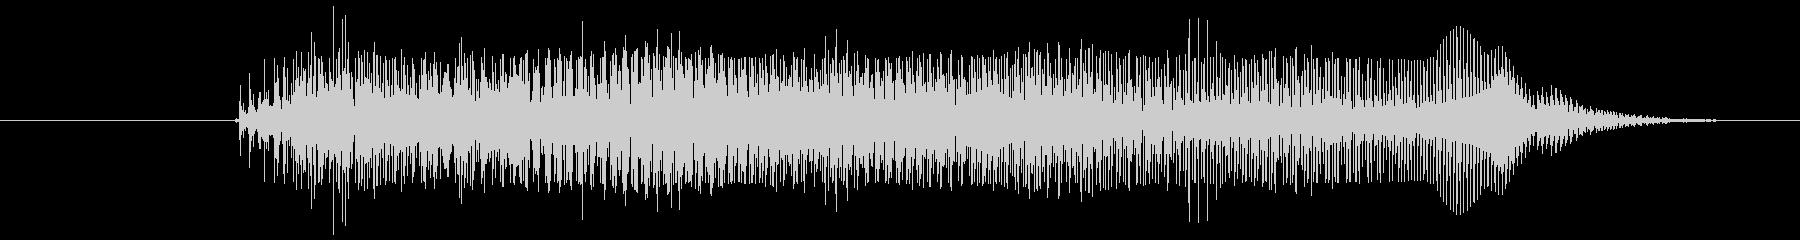 鳴き声 リトルガールクライアー03の未再生の波形